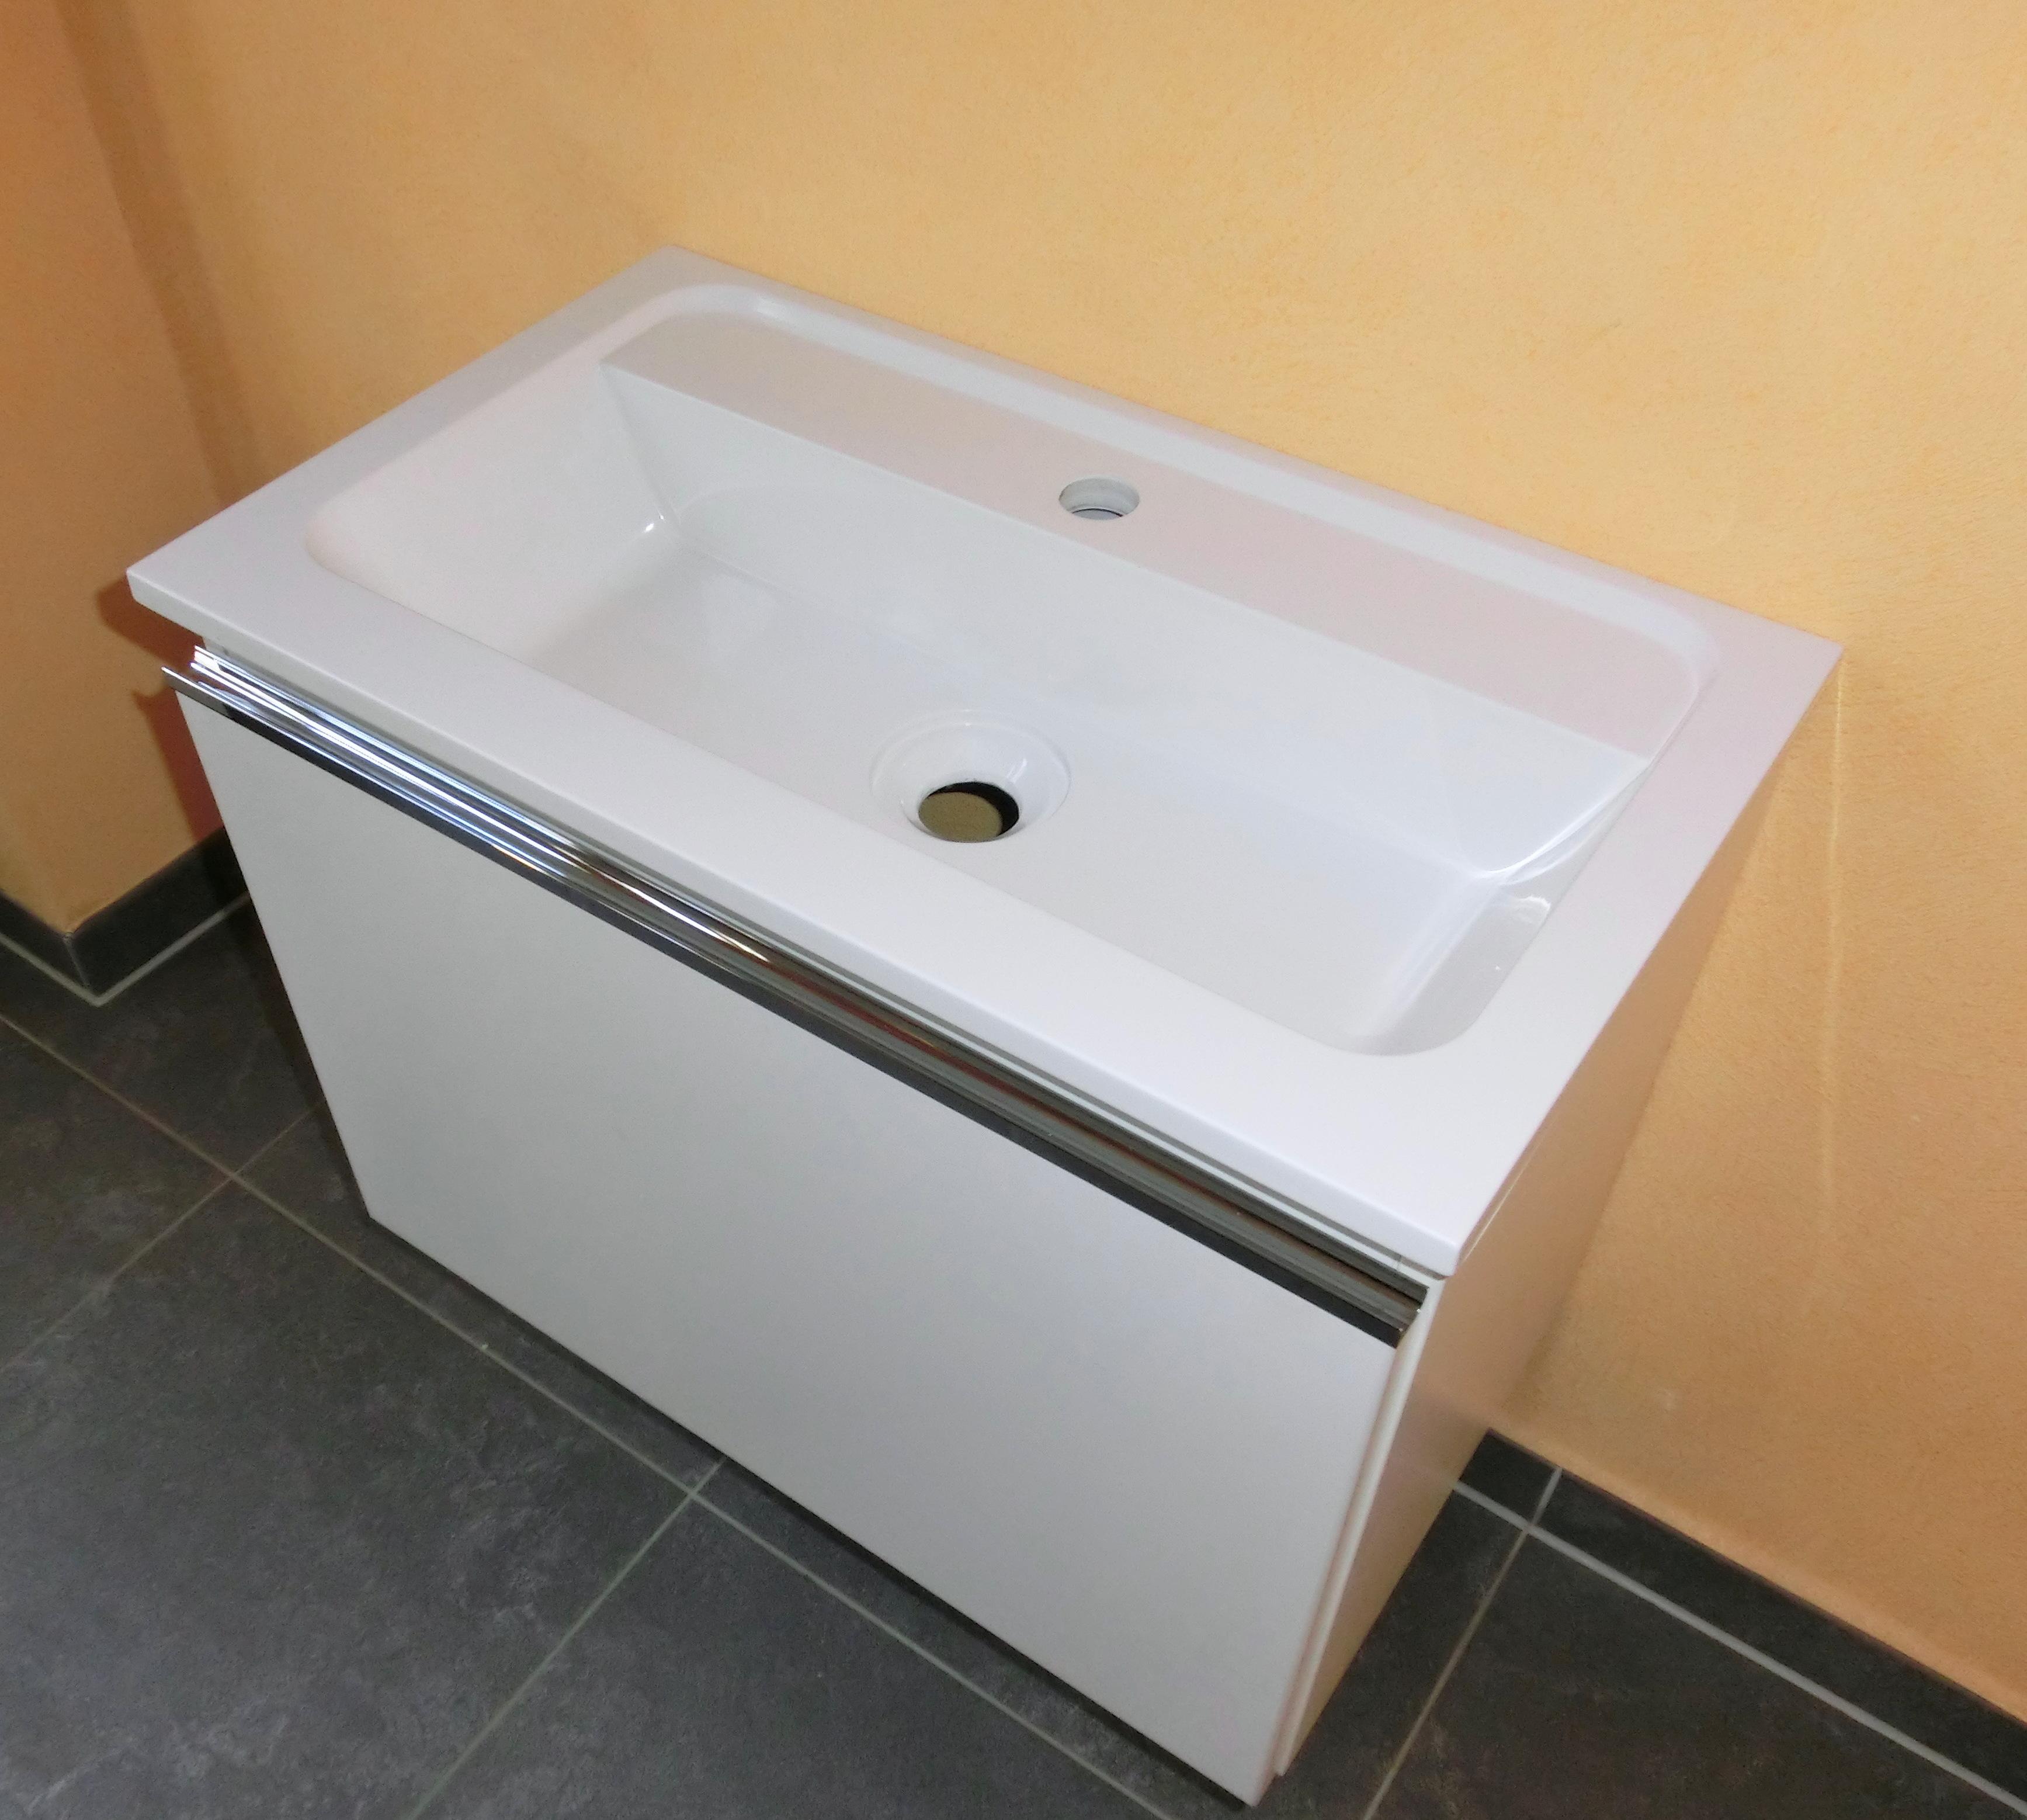 Bilder zu BurgBad Burgbad Bel Waschtischunterschrank mit Waschtisch ...